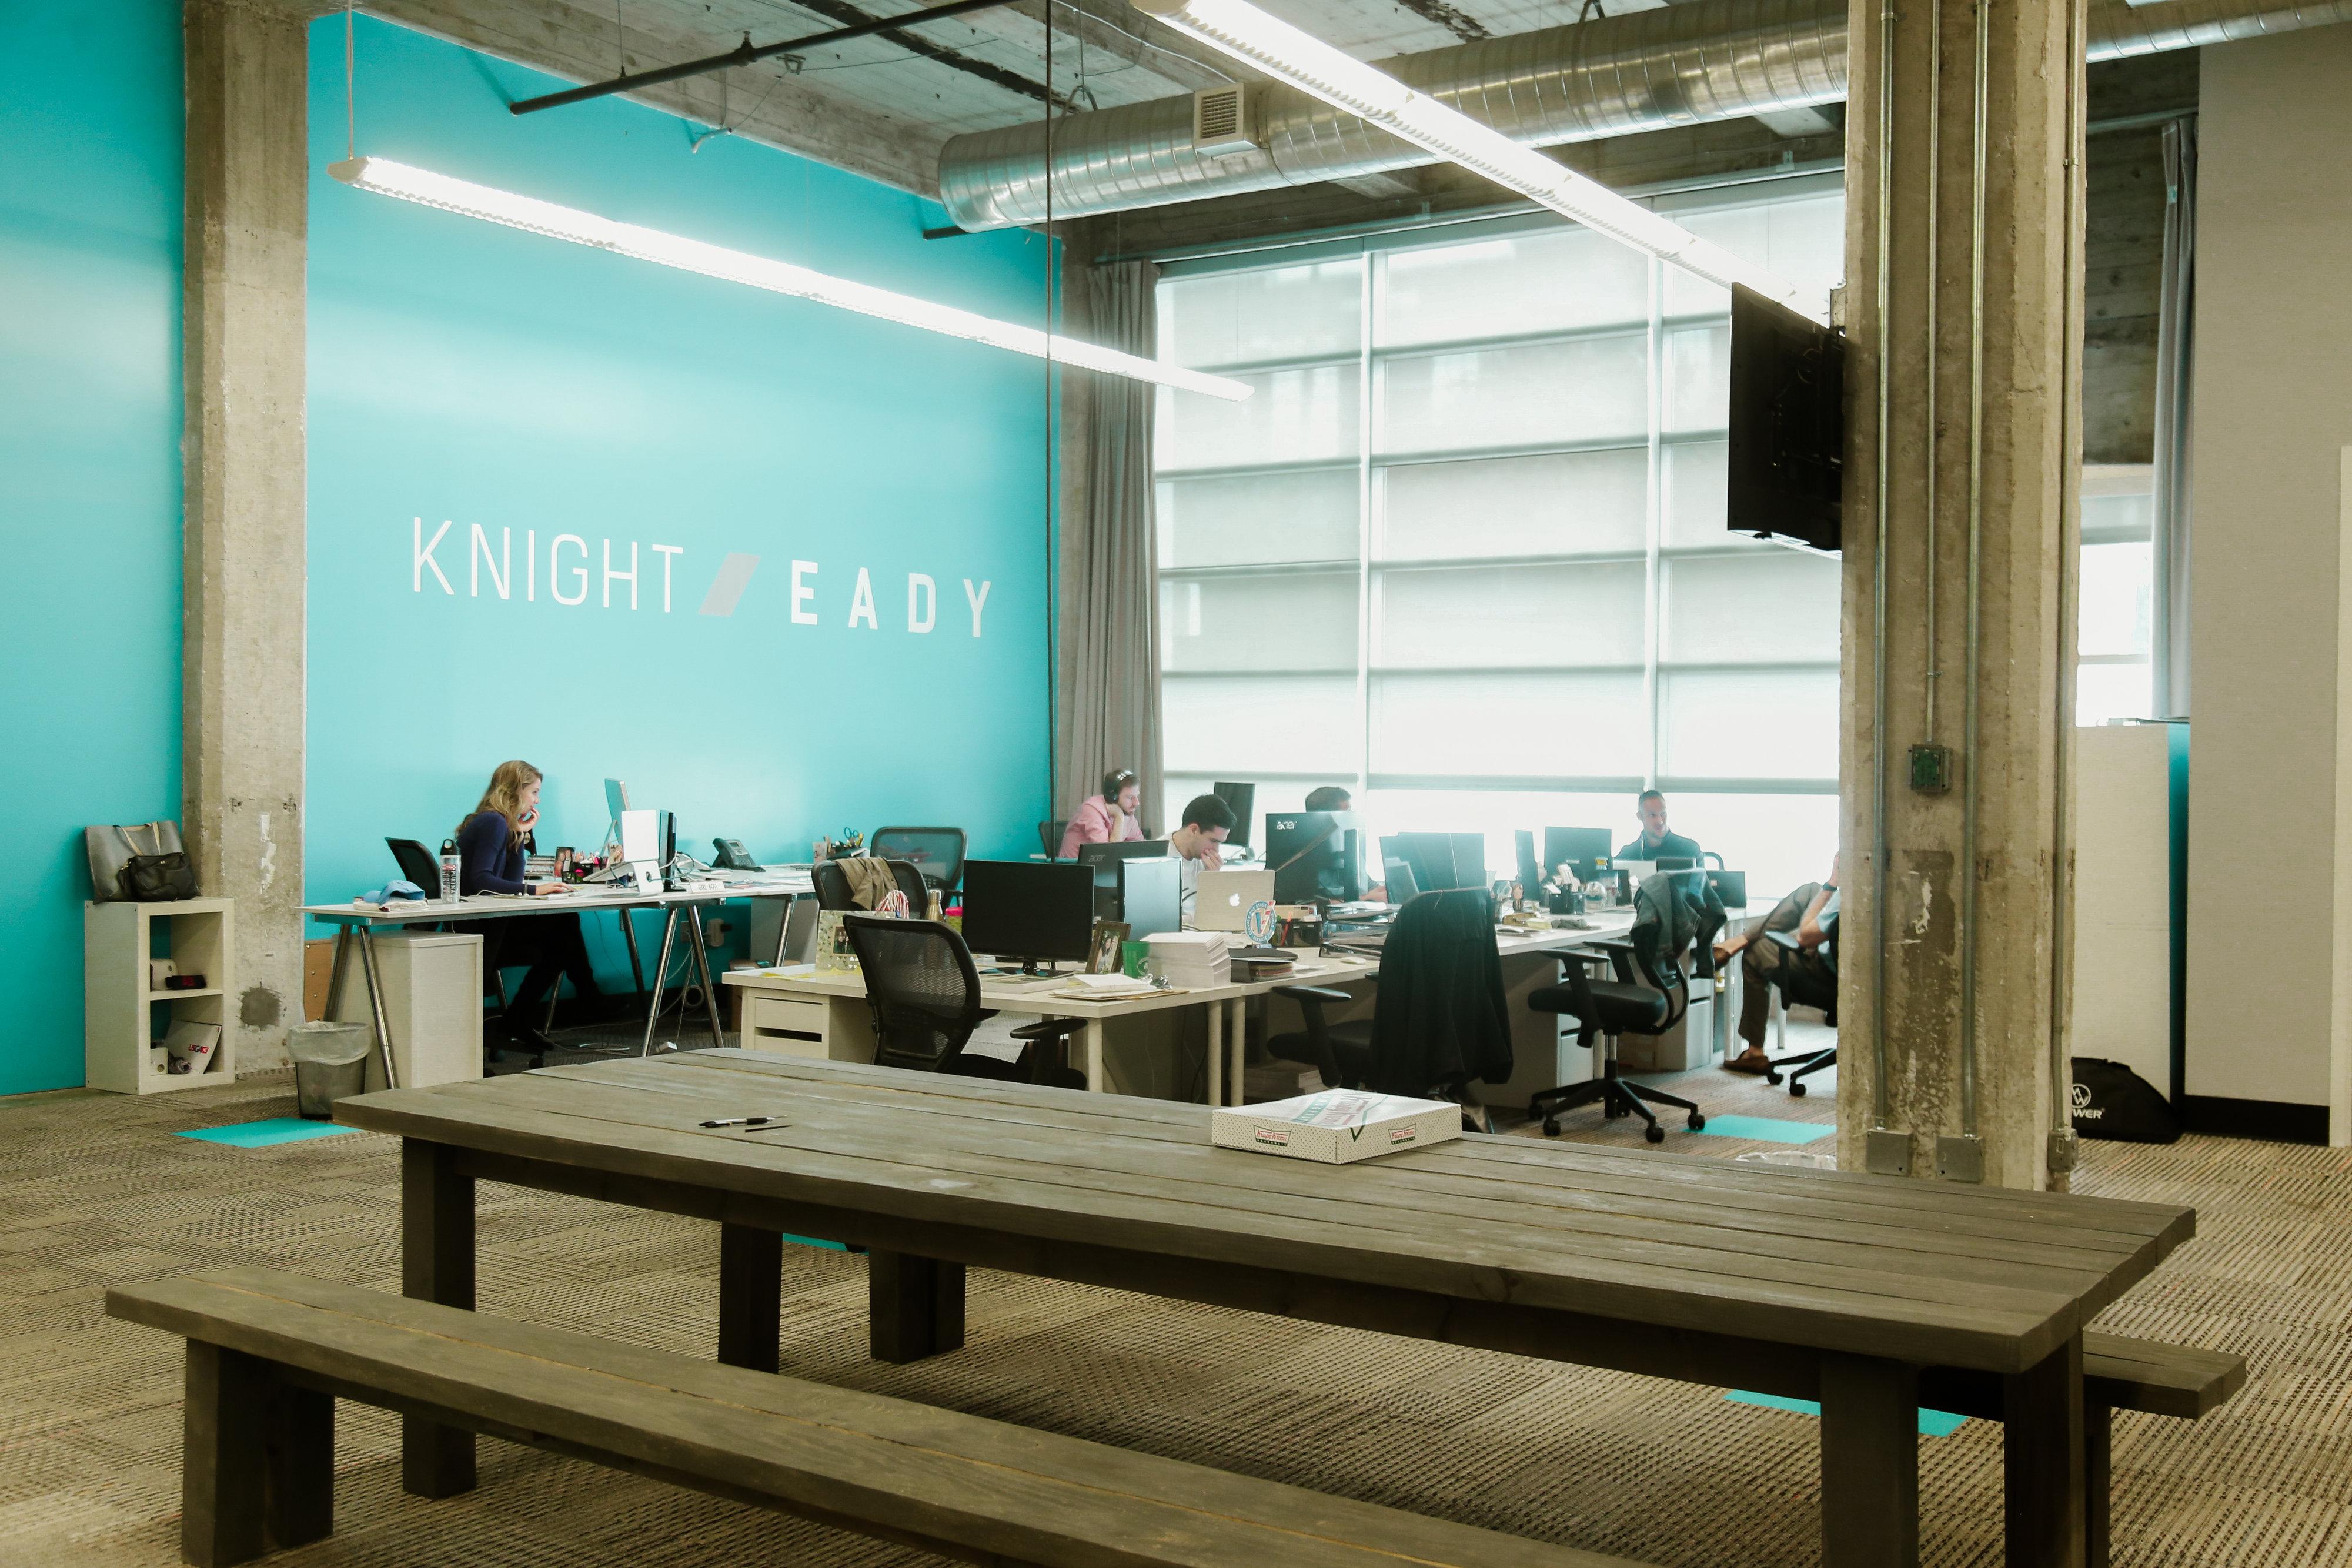 Knight Eady Innovation Depot